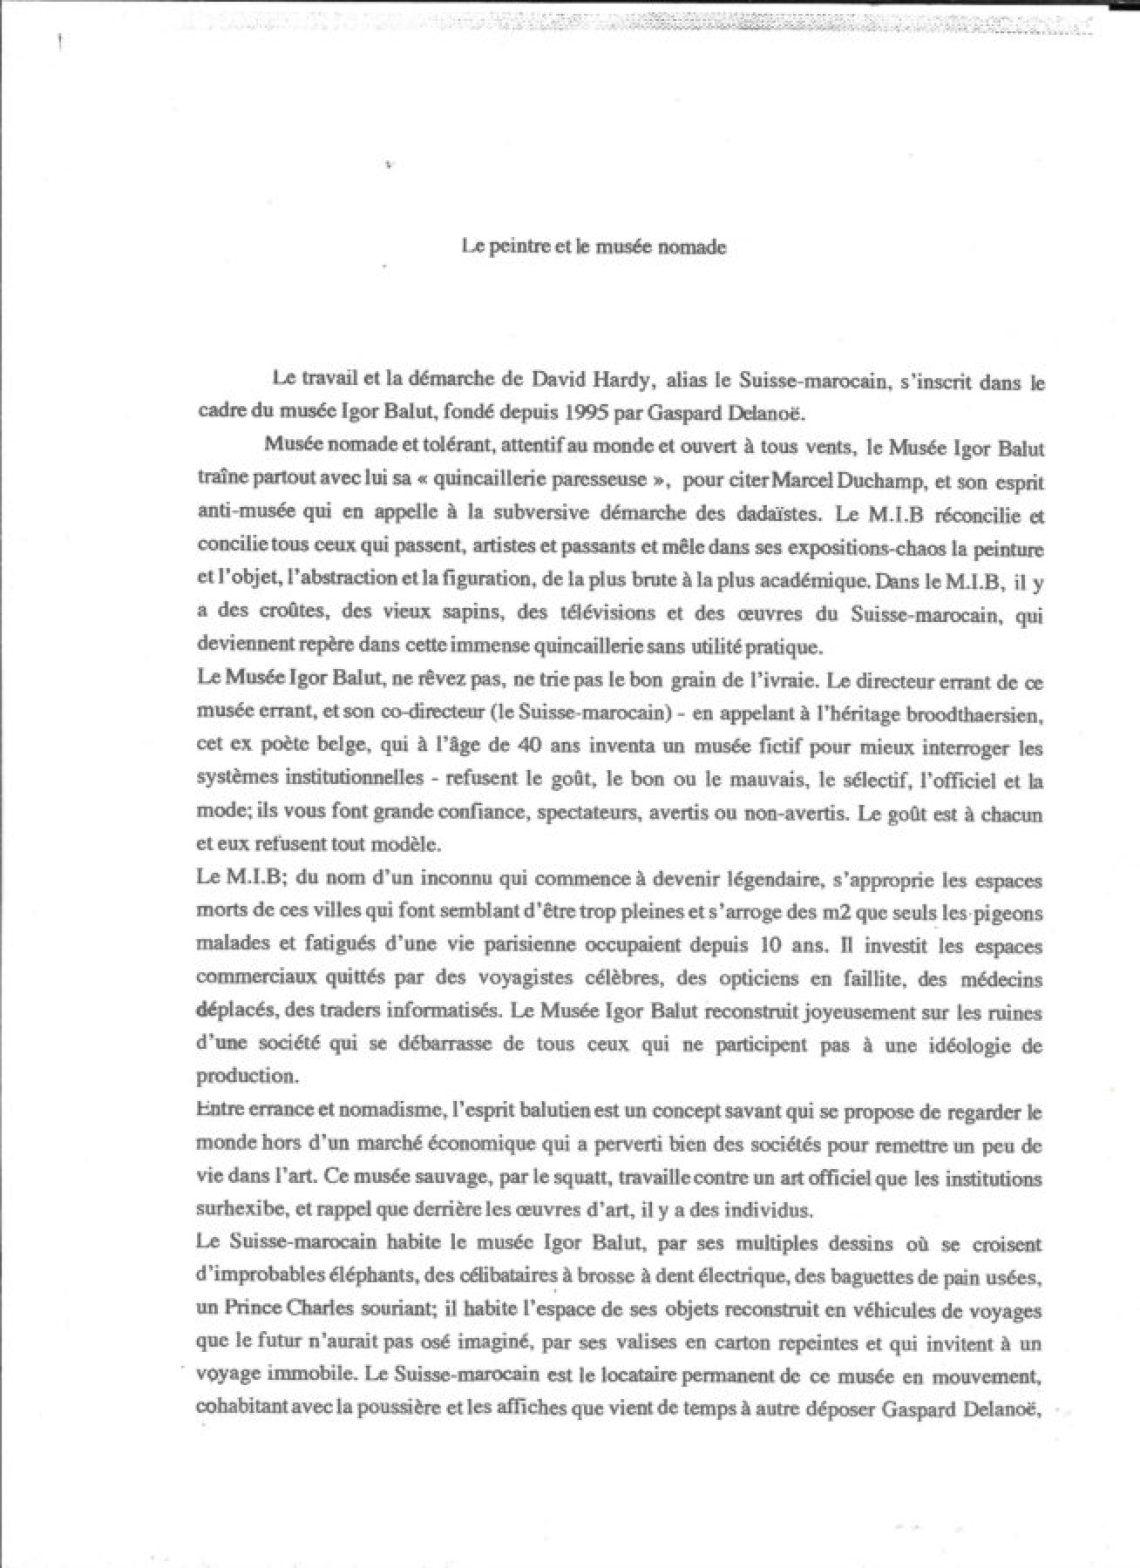 text-sur-suissemarocain-art-6-copy